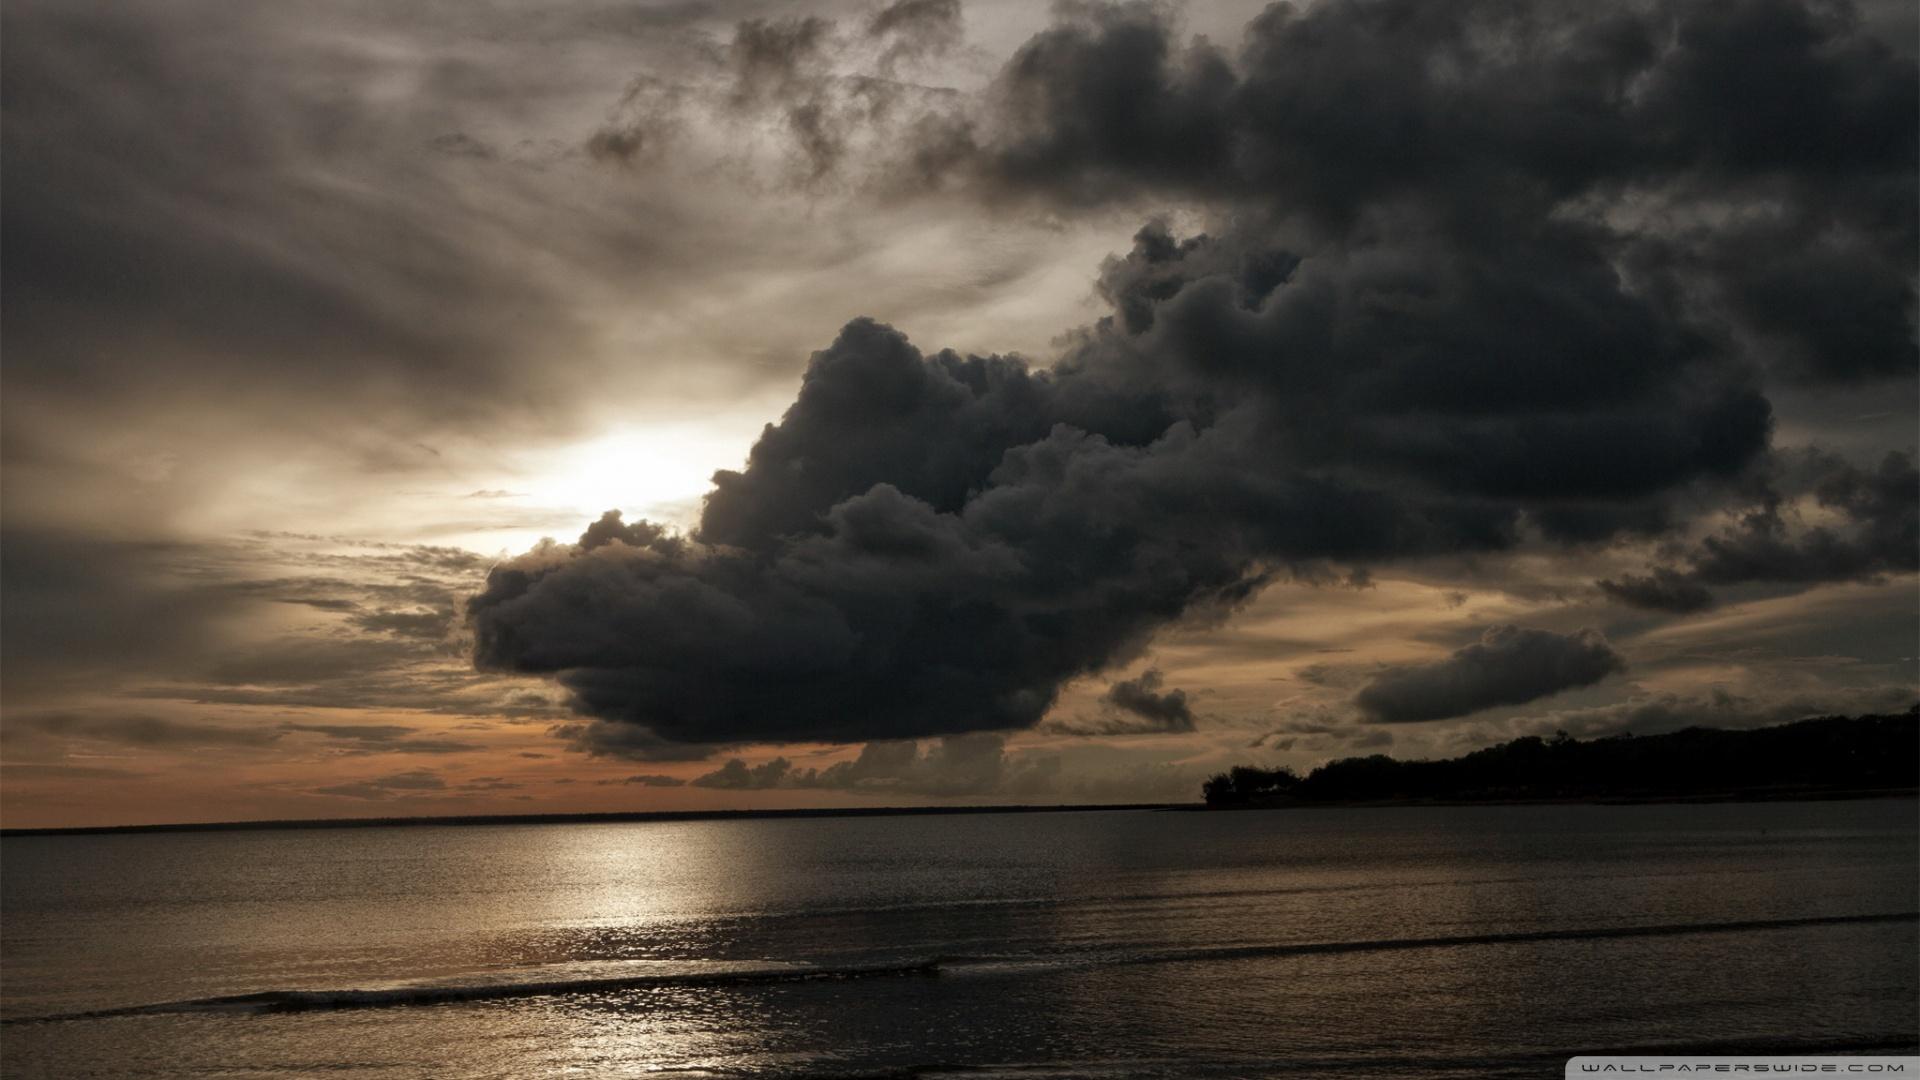 Dark Clouds - Beach HD desktop wallpaper : High Definition